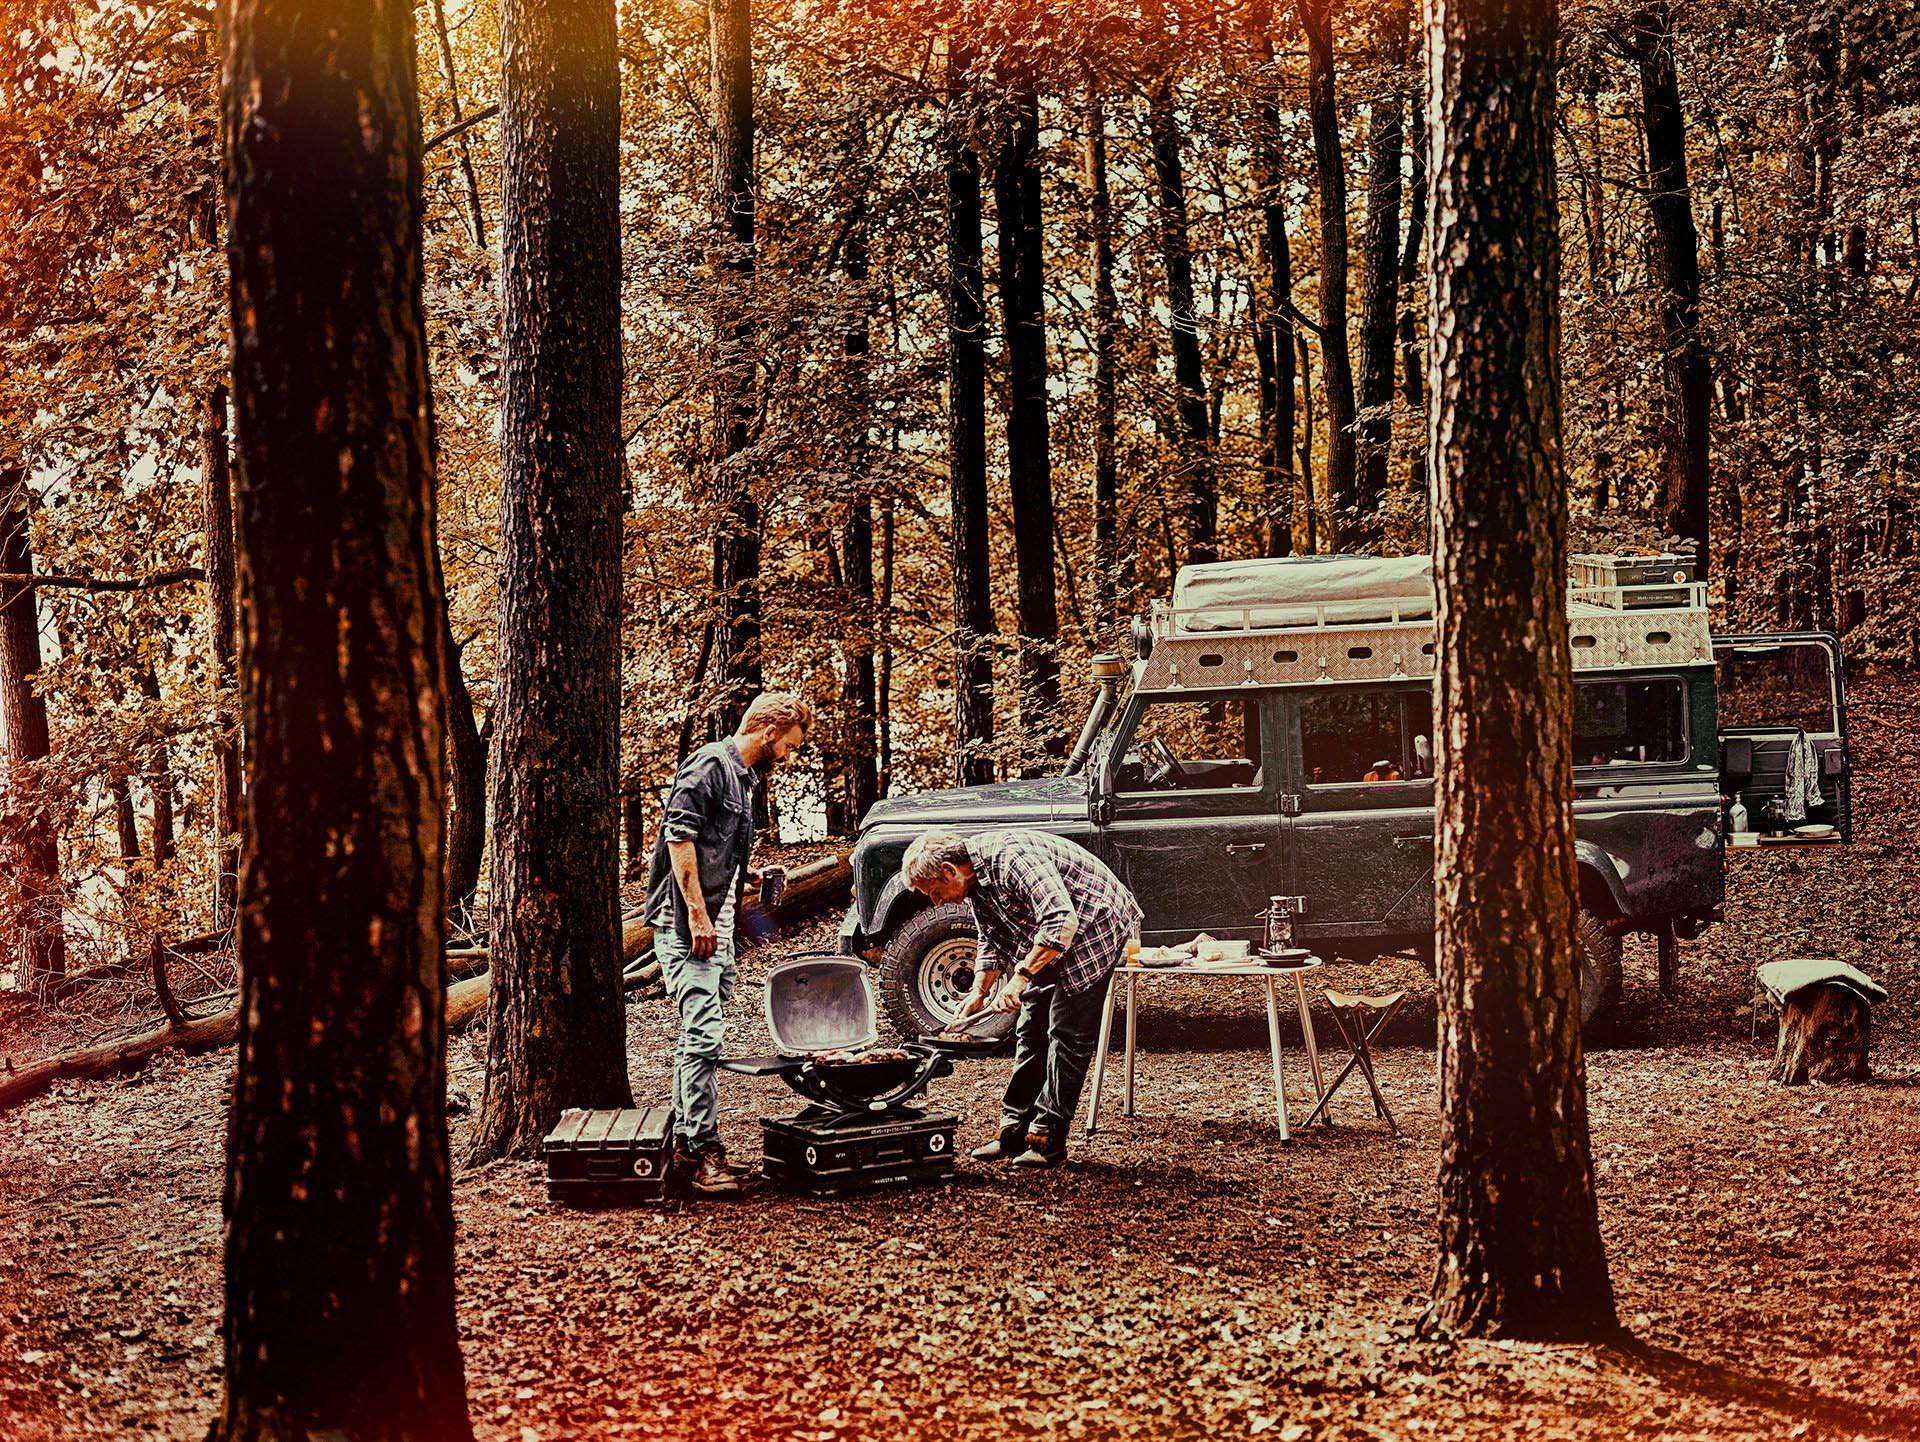 wald-campingtrip-grillen-maennertrip-weber